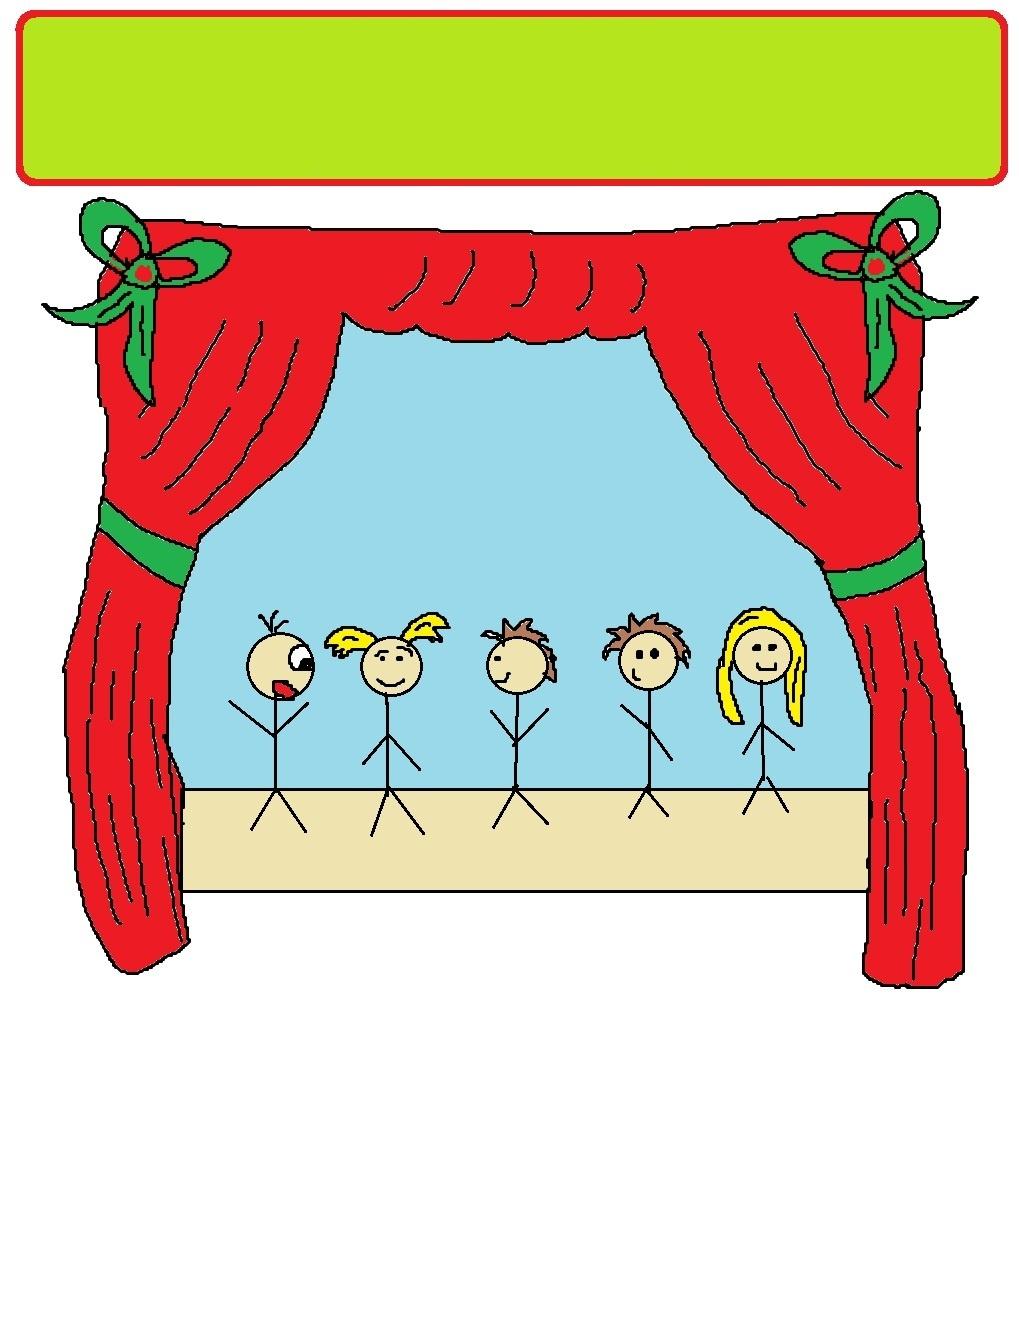 Printable Christmas Play Invitations For Church - Free Printable Christmas Plays Church